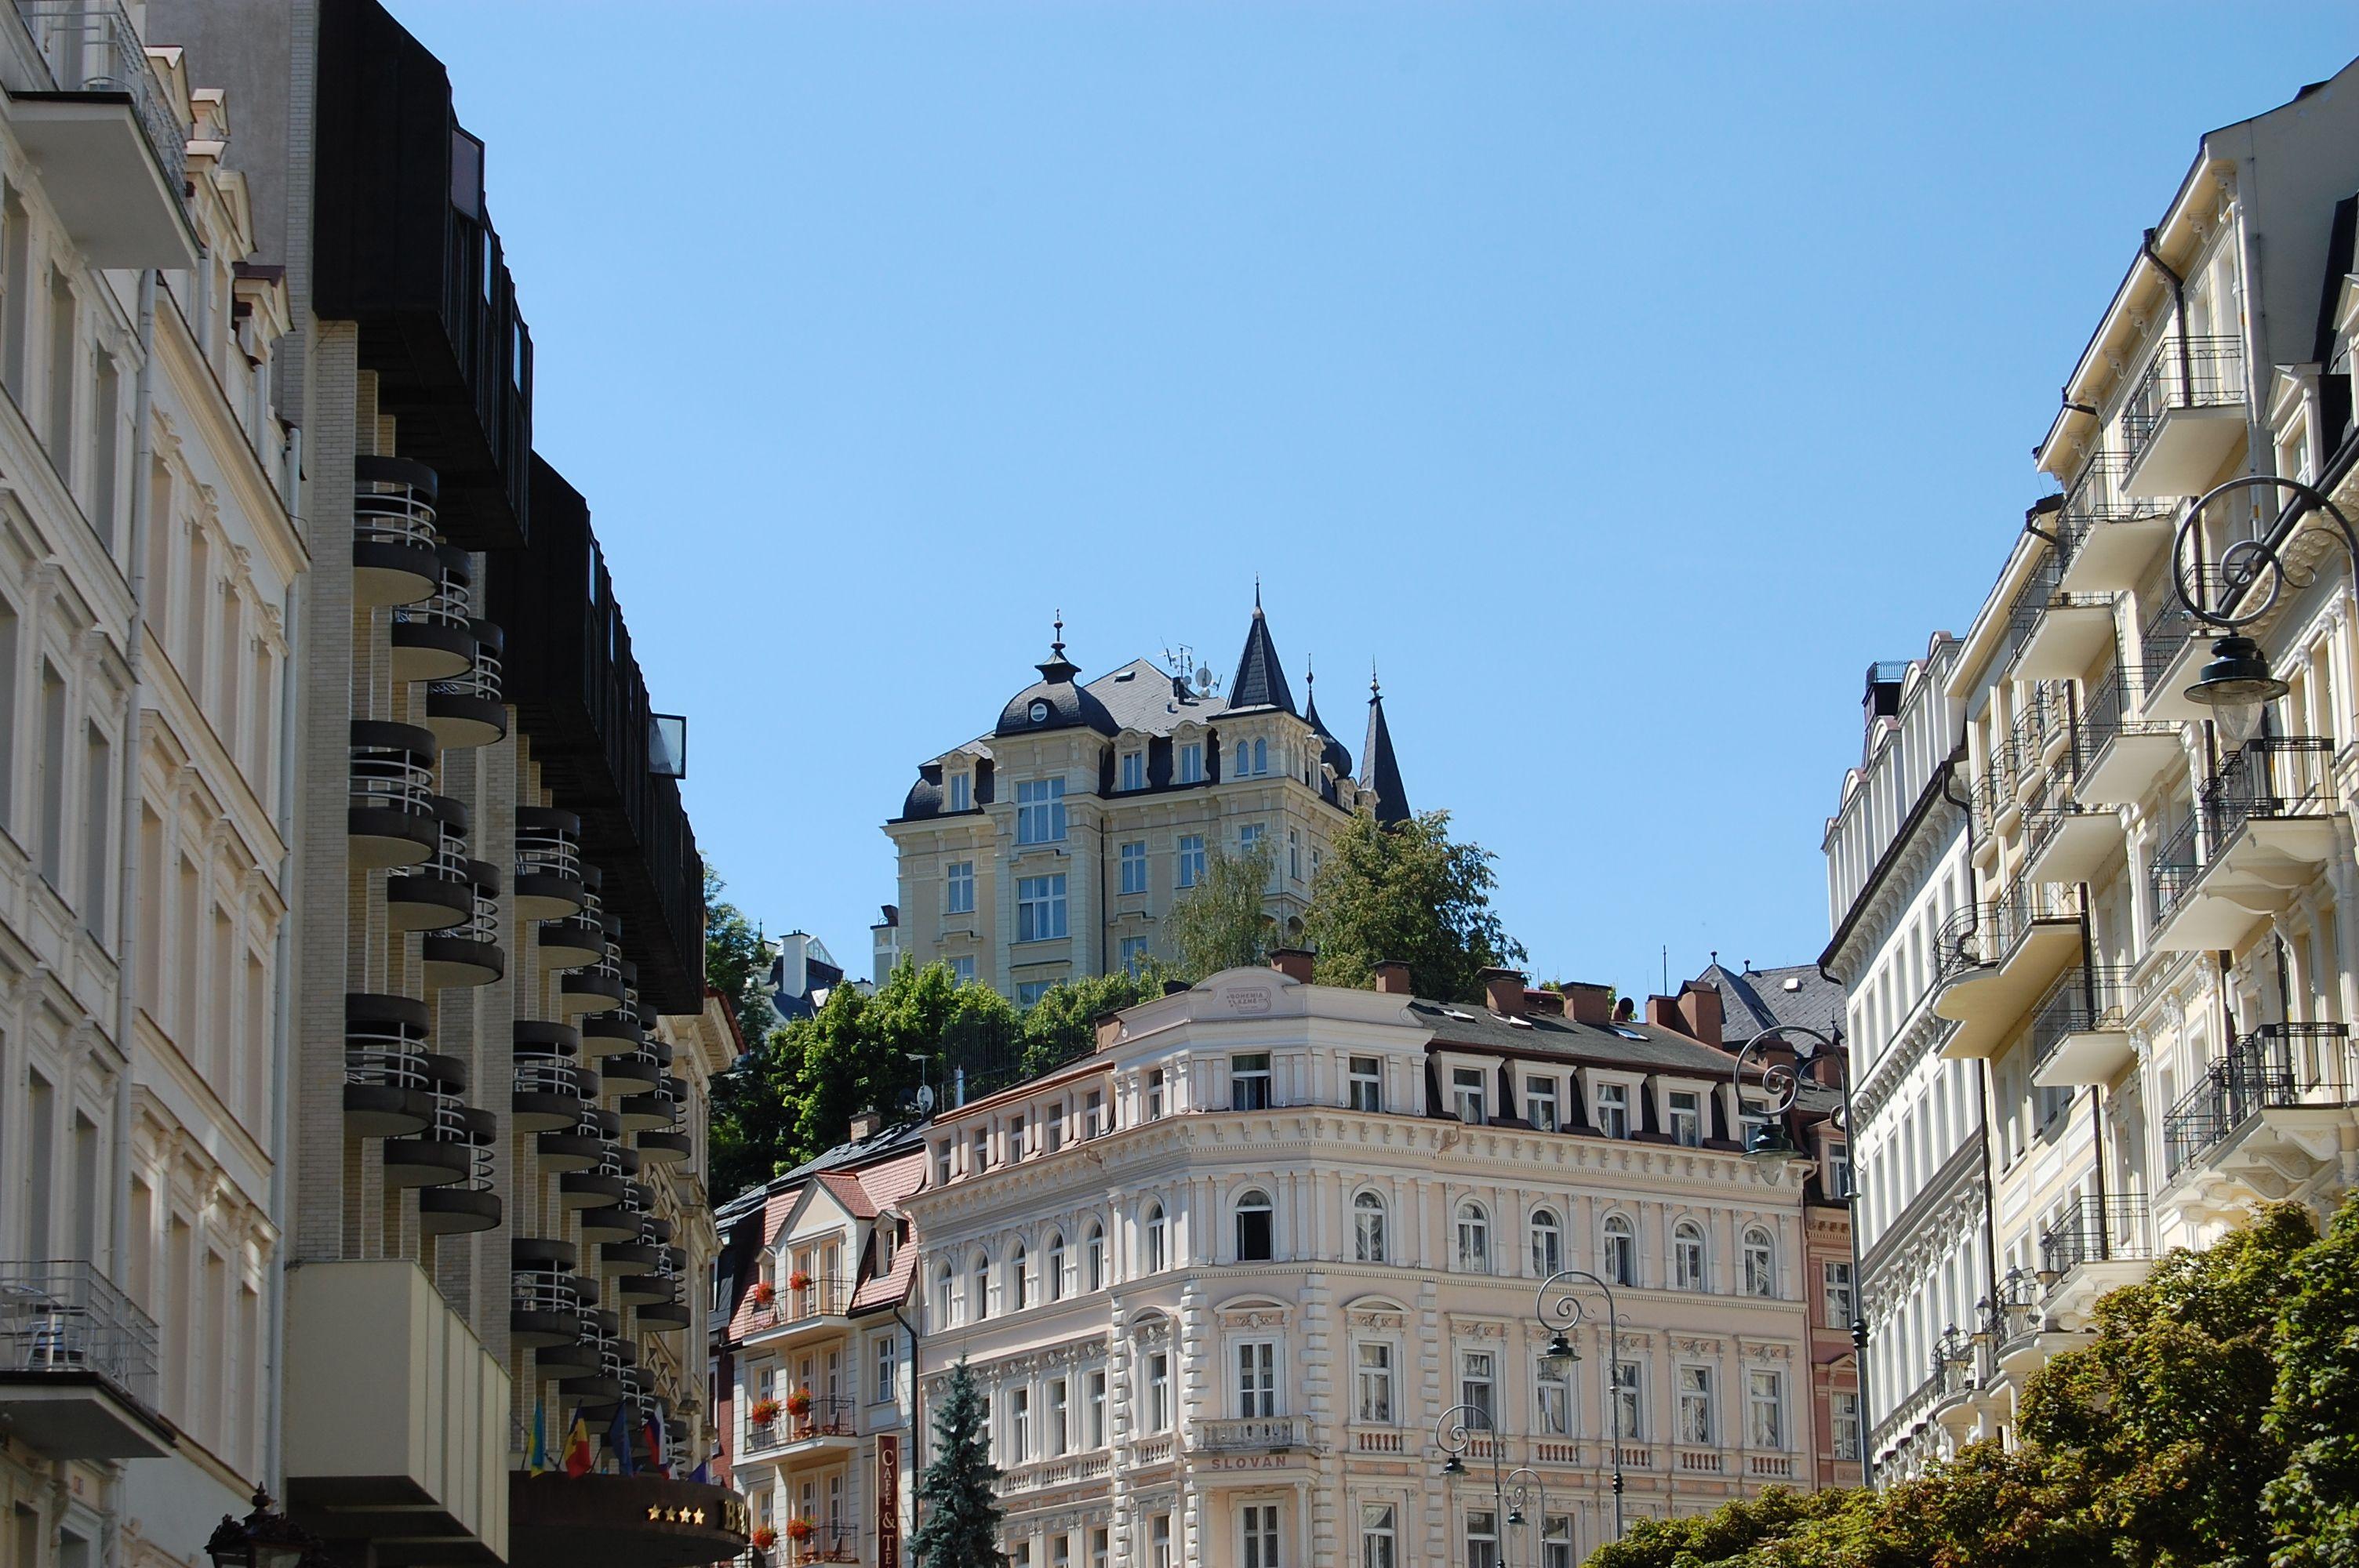 Productos famosos de Karlovy Vary son las Rosas Petrificadas en el agua termal, las Galletas de Karlovy Vary, la porcelana producida en Karlovy Vary mismo y en Chodov y Sal mineral para curas en el baño y sal mineral potable.